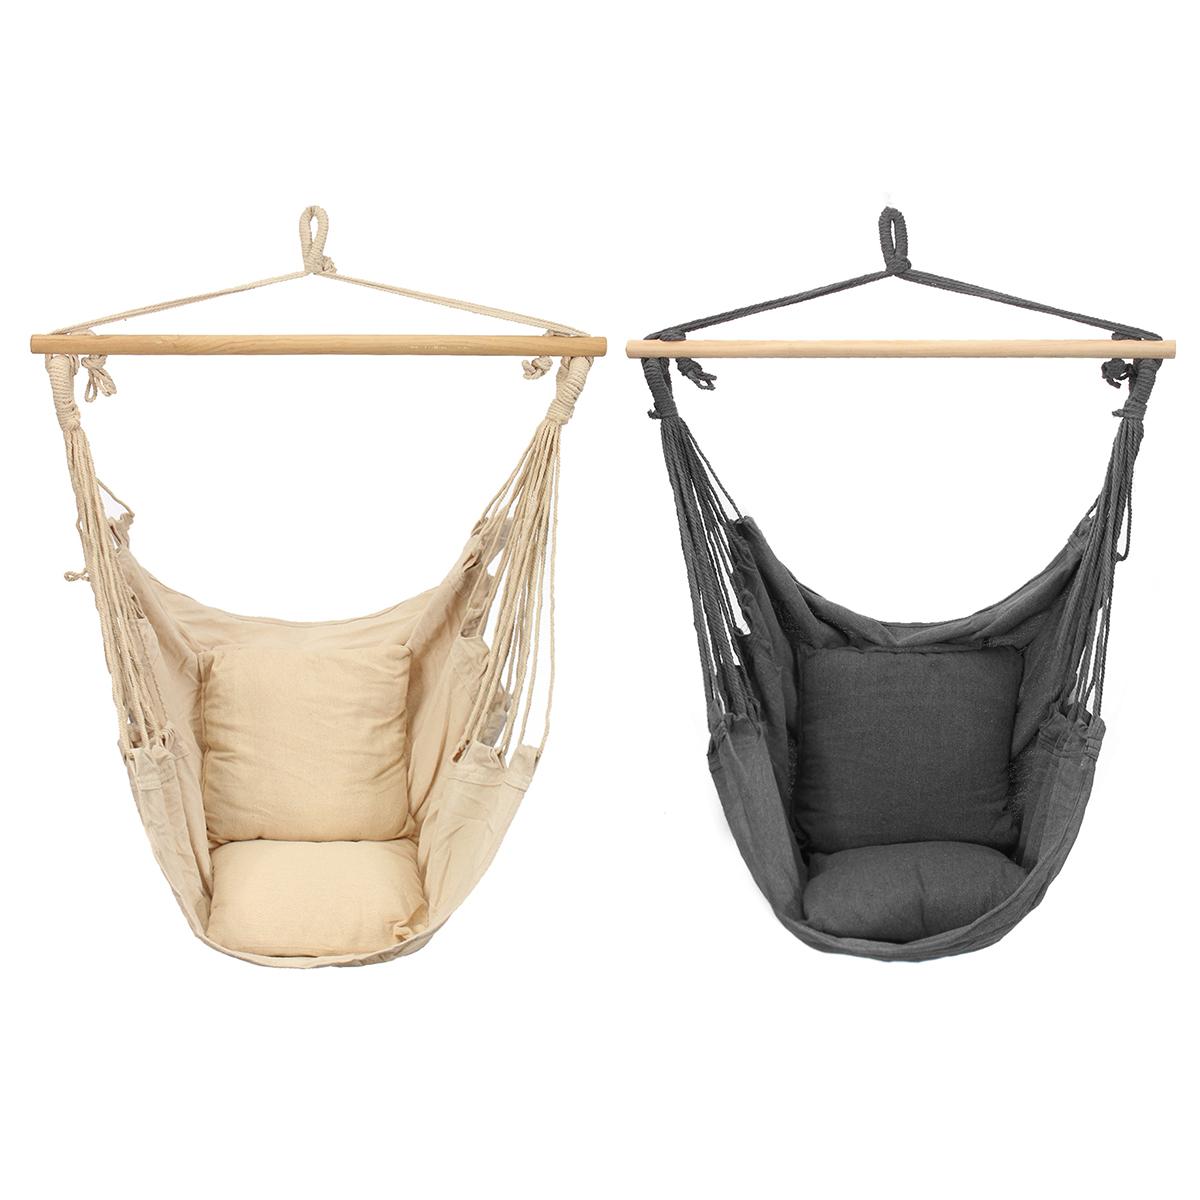 Качели, подвесные стулья гамак Deluxe включает в себя Soft подушки На открытом воздухе Кемпинг рама